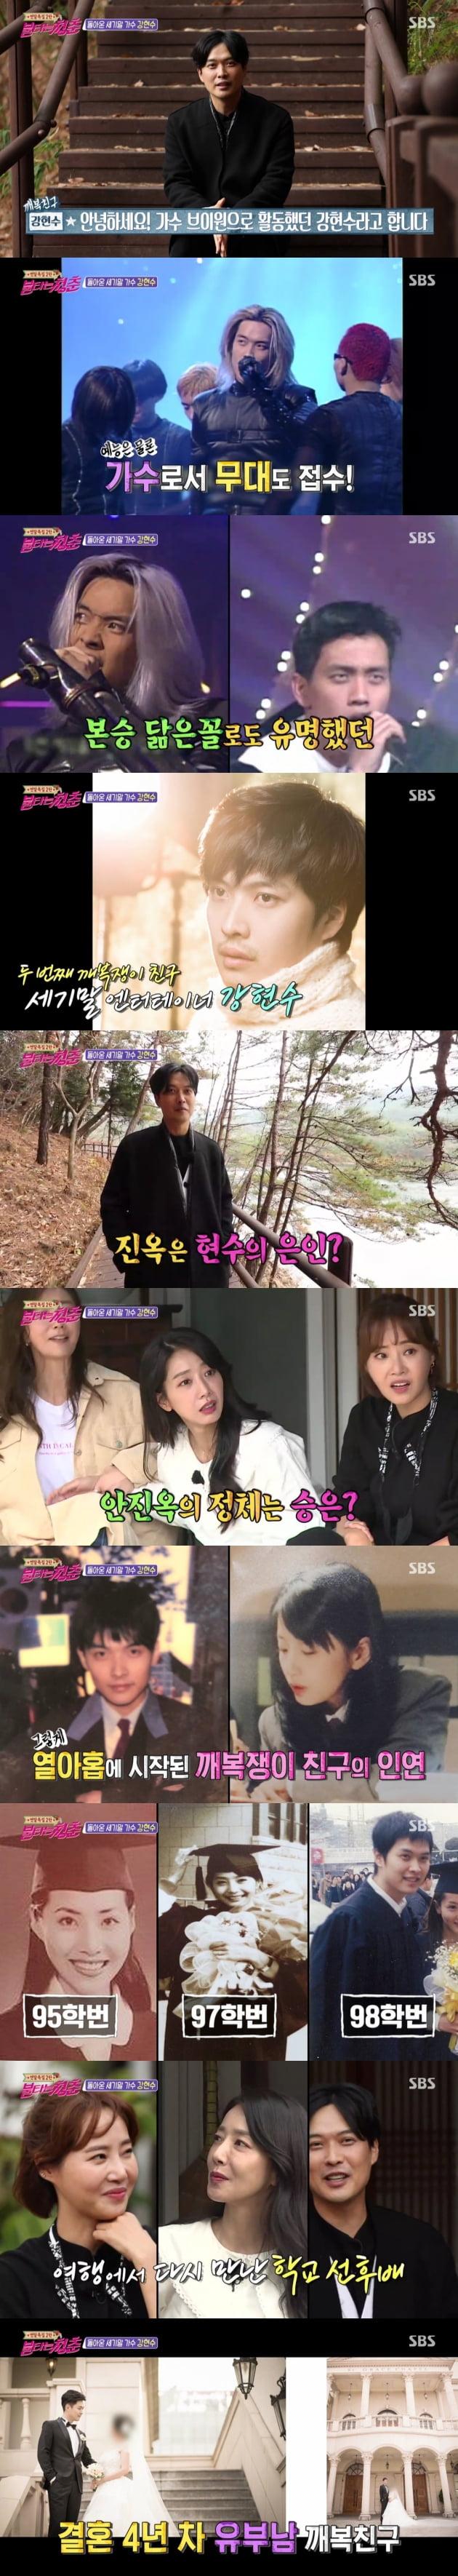 '불타는 청춘'에 출연한 강현수/ 사진=SBS 제공